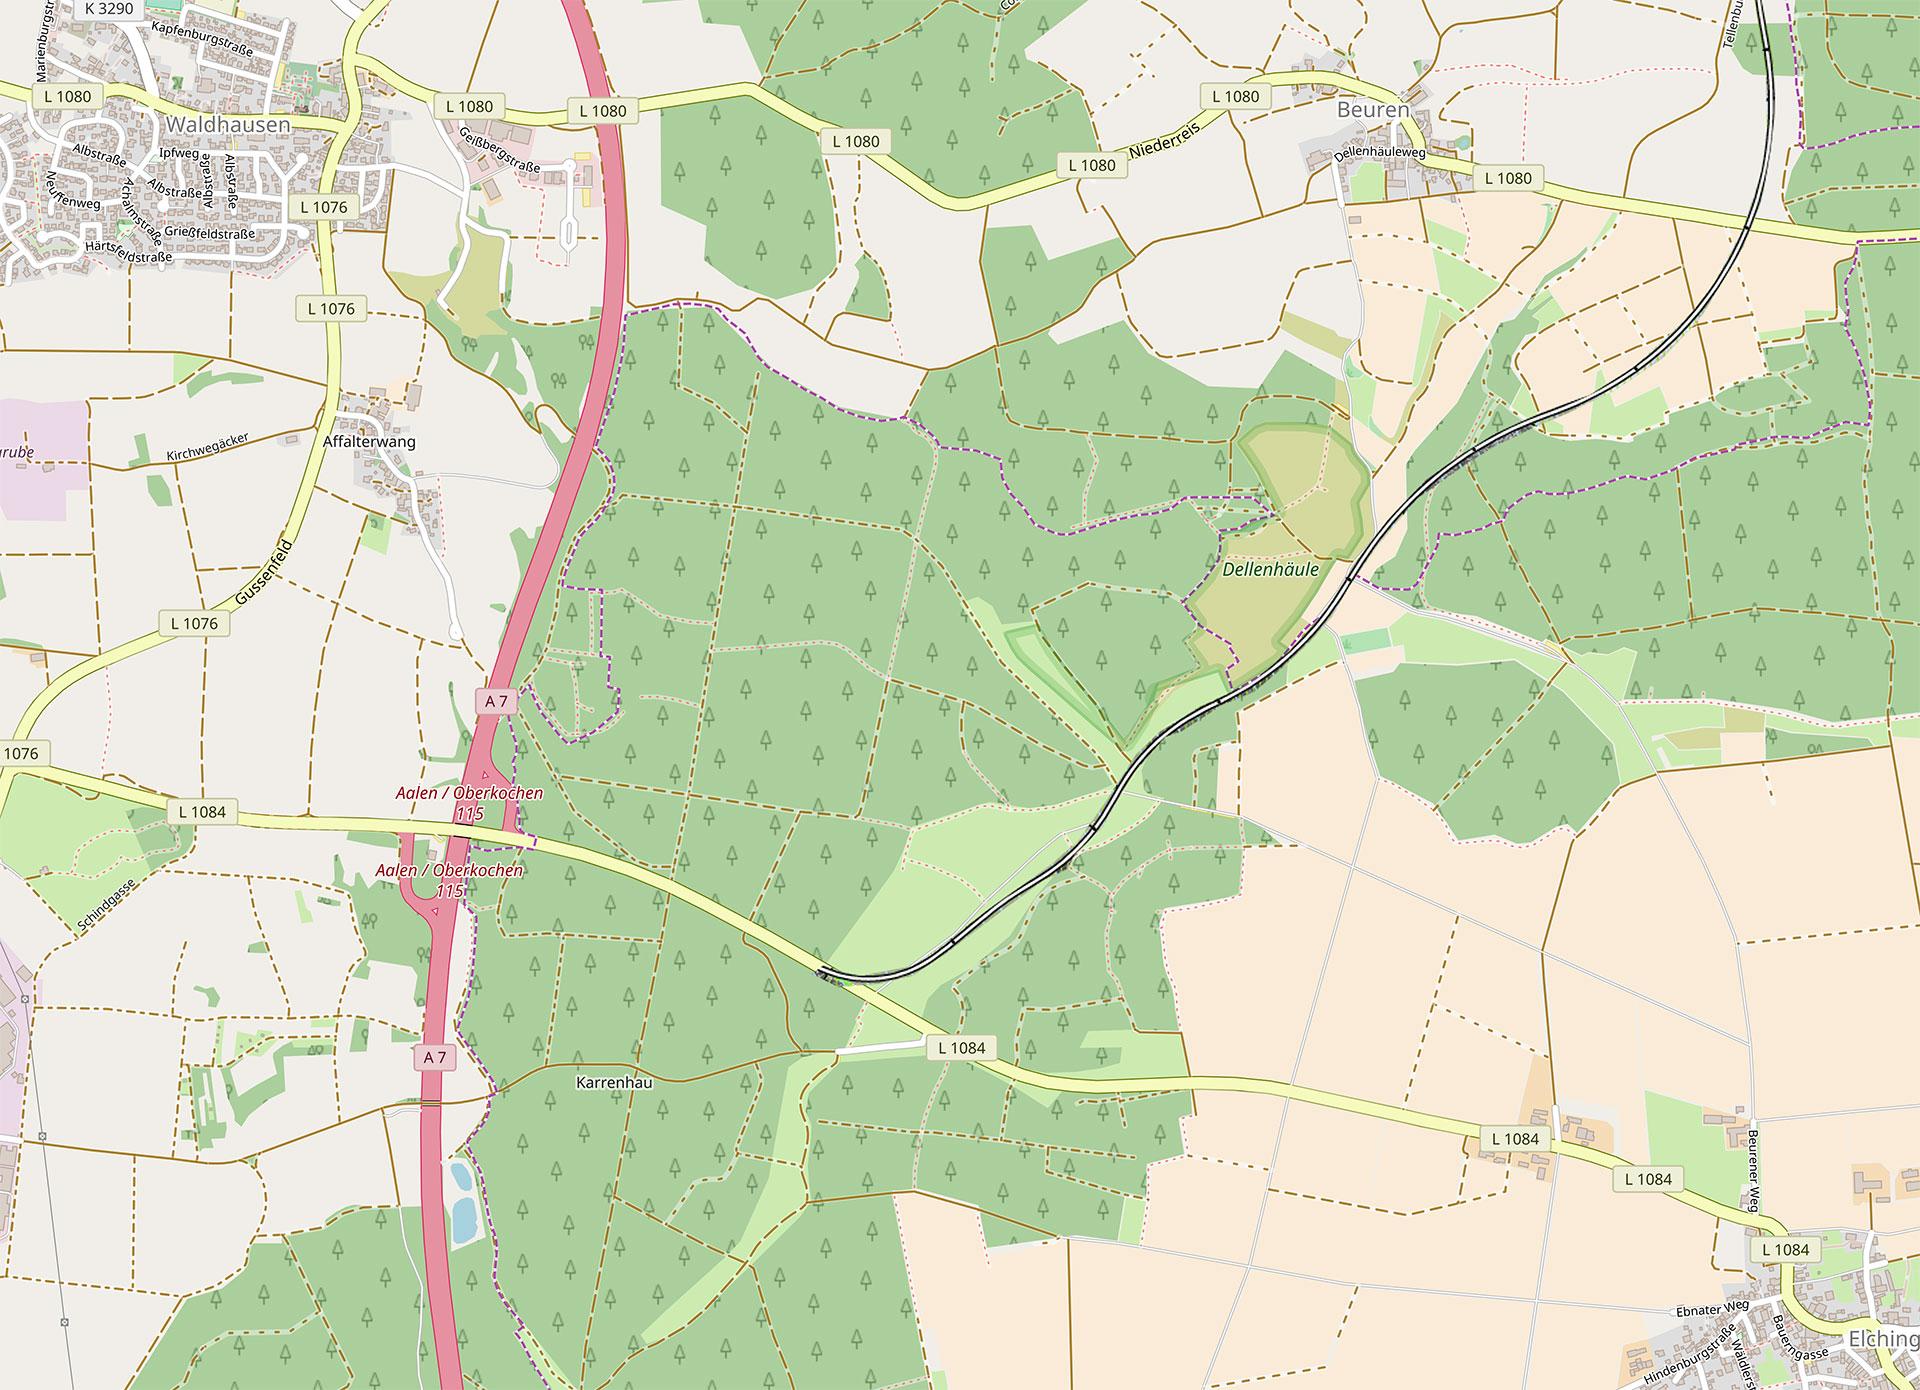 Bildquelle: Map data © OpenStreetMap contributors, Trassenverlauf aus Machbarkeitsstudie B 29 Röttinger Höhe – Nördlingen Kurzfassung